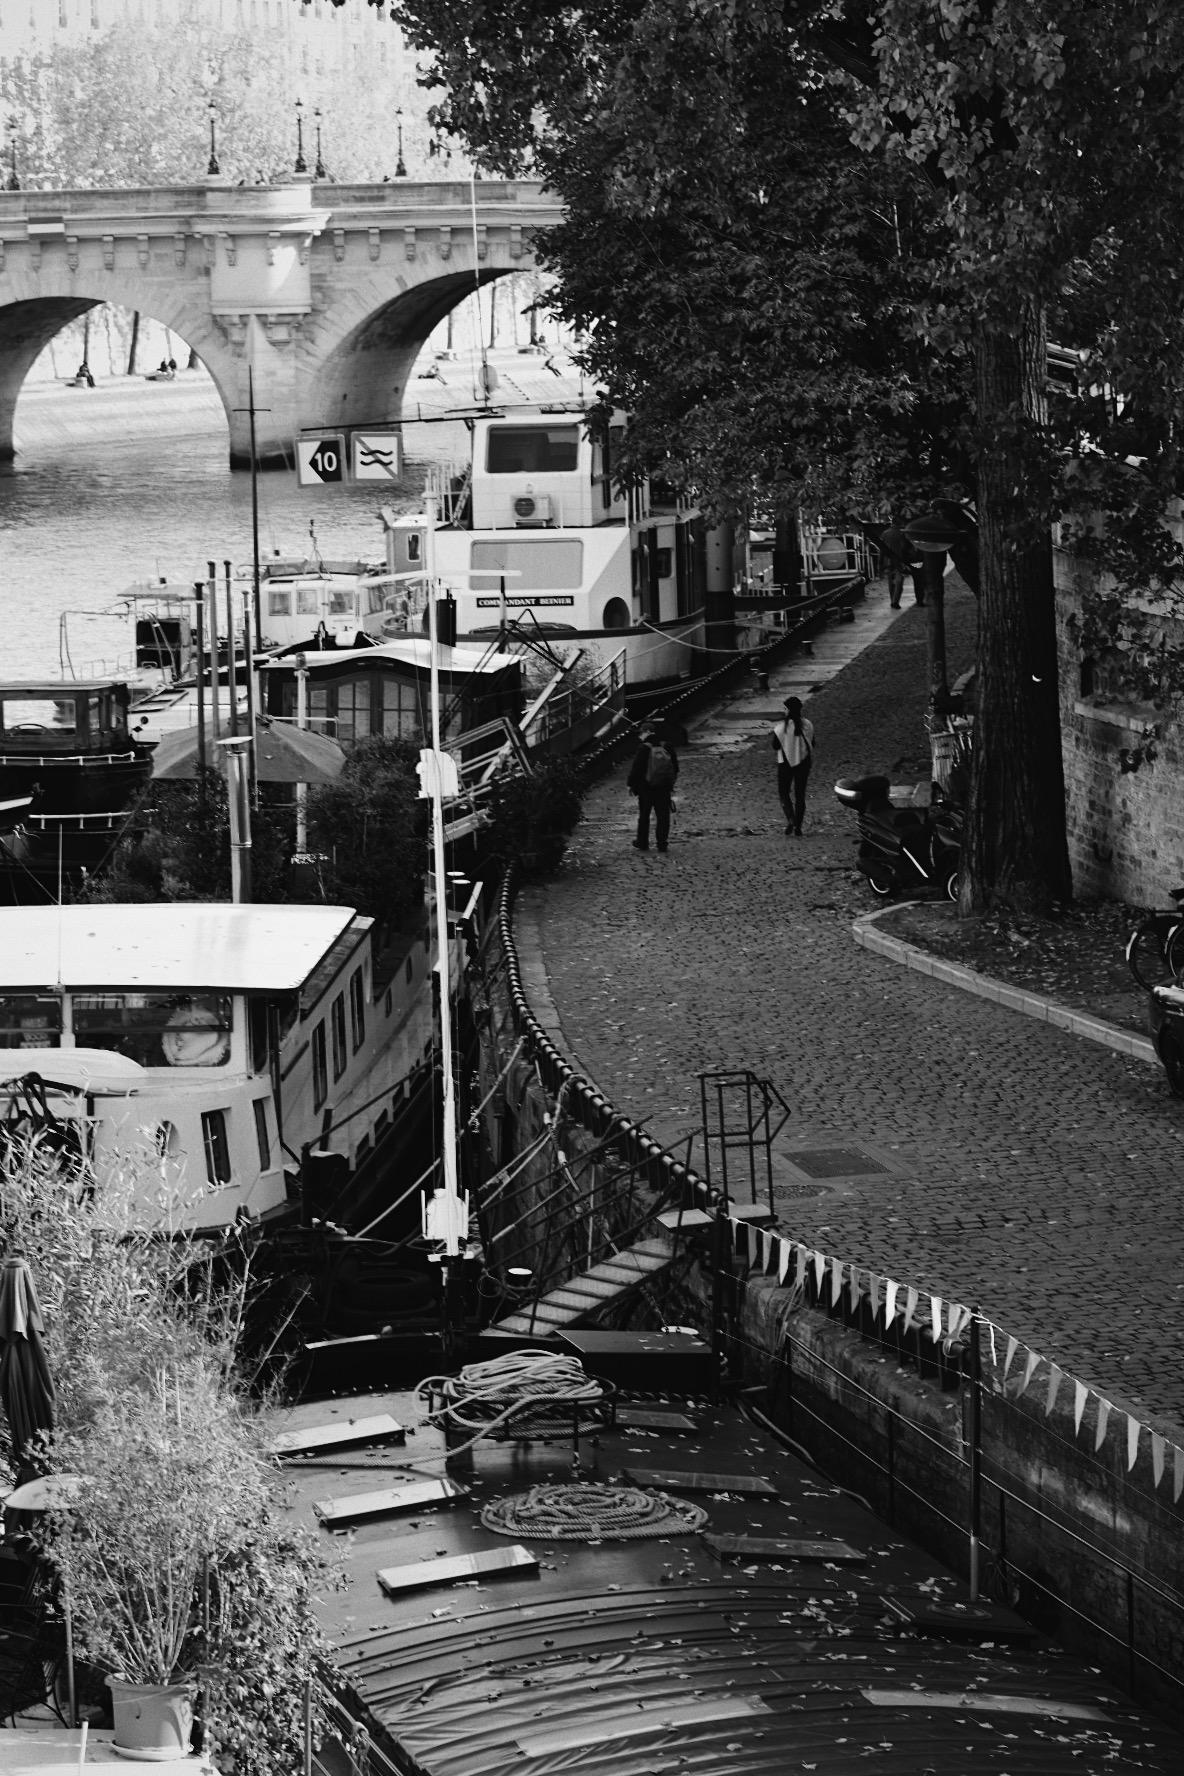 ILE SAINT LOUIS, PARIS, FRANCE